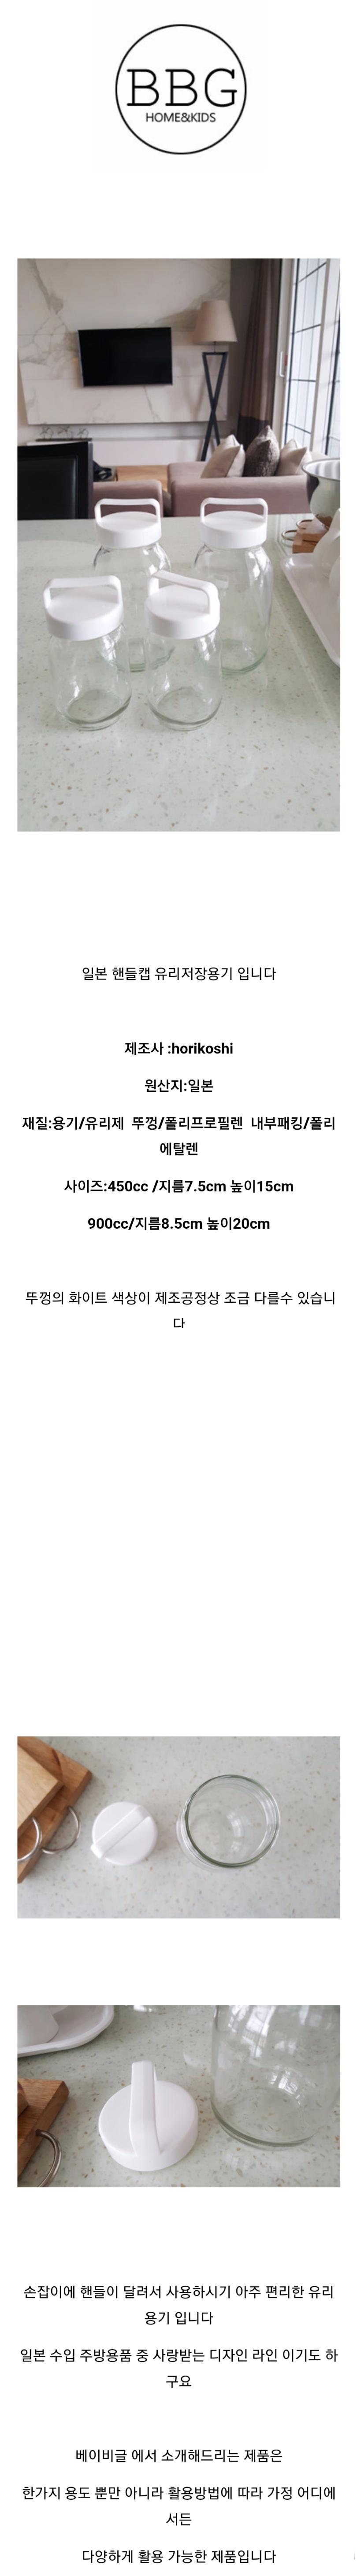 일본 화이트 손잡이 유리병 보관용기(뚜껑핸들) - 베이비글, 4,300원, 밀폐/보관용기, 양념통/오일통